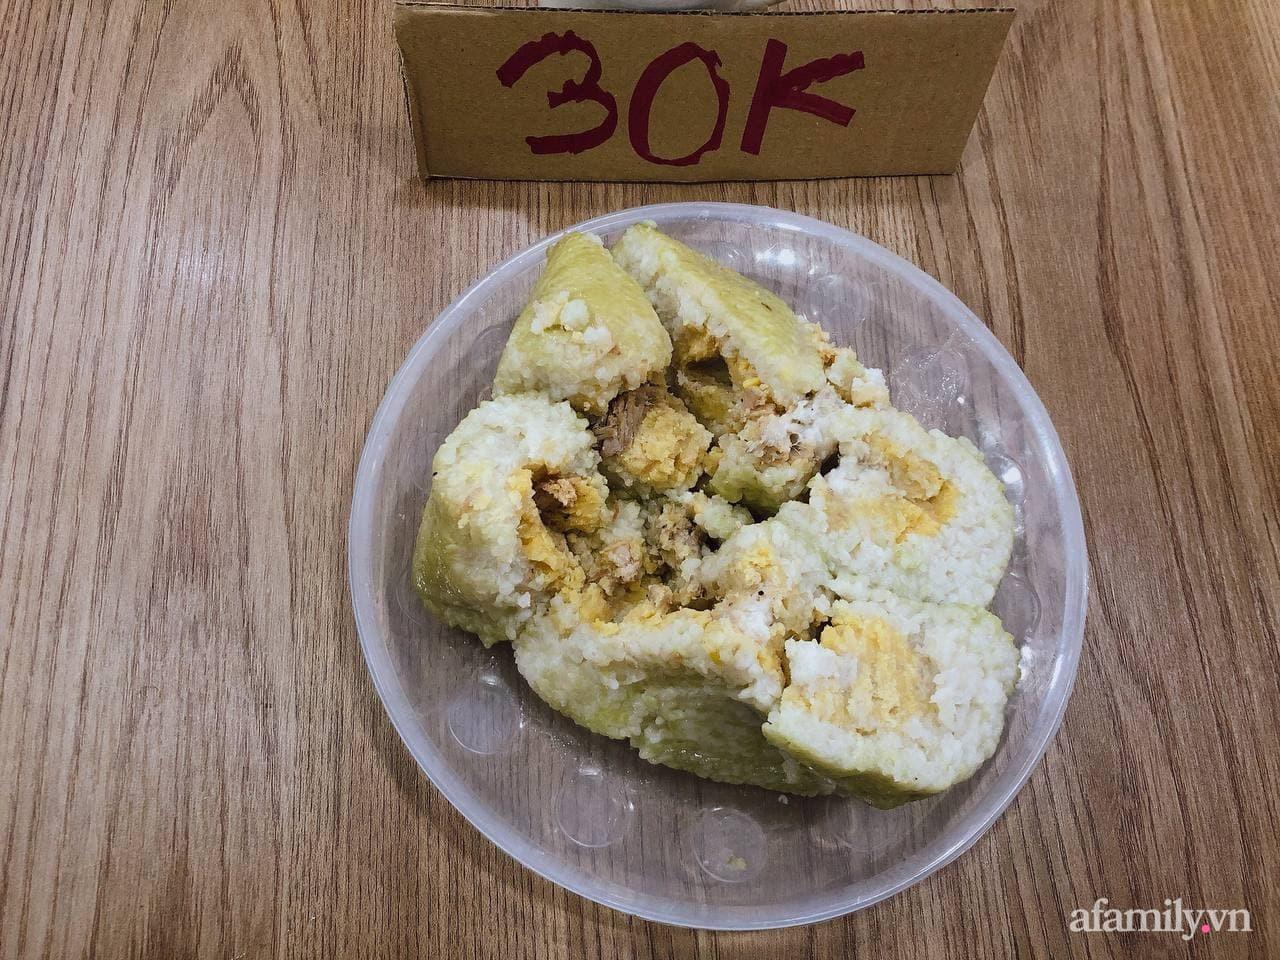 Thử tìm mua bánh chưng siêu thịt có giá gấp 5 lần bánh chưng truyền thống, liệu có giúp bà nội trợ Tết nhàn lại được cả gia đình tấm tắc khen? - Ảnh 11.